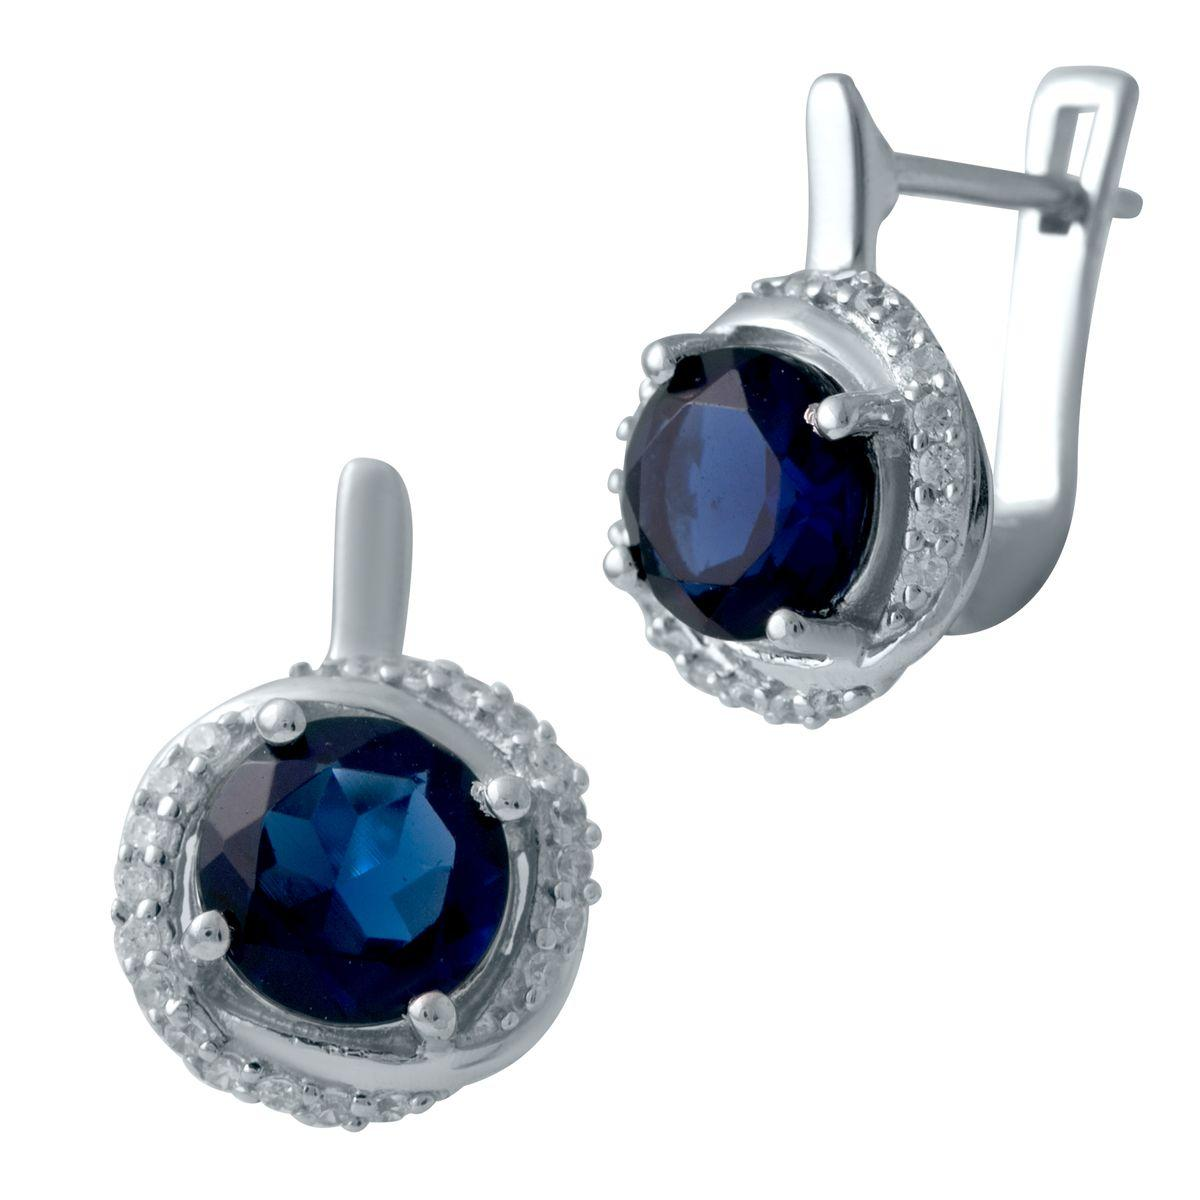 Серебряные серьги DreamJewelry с сапфиром nano 2.665ct (2029595)